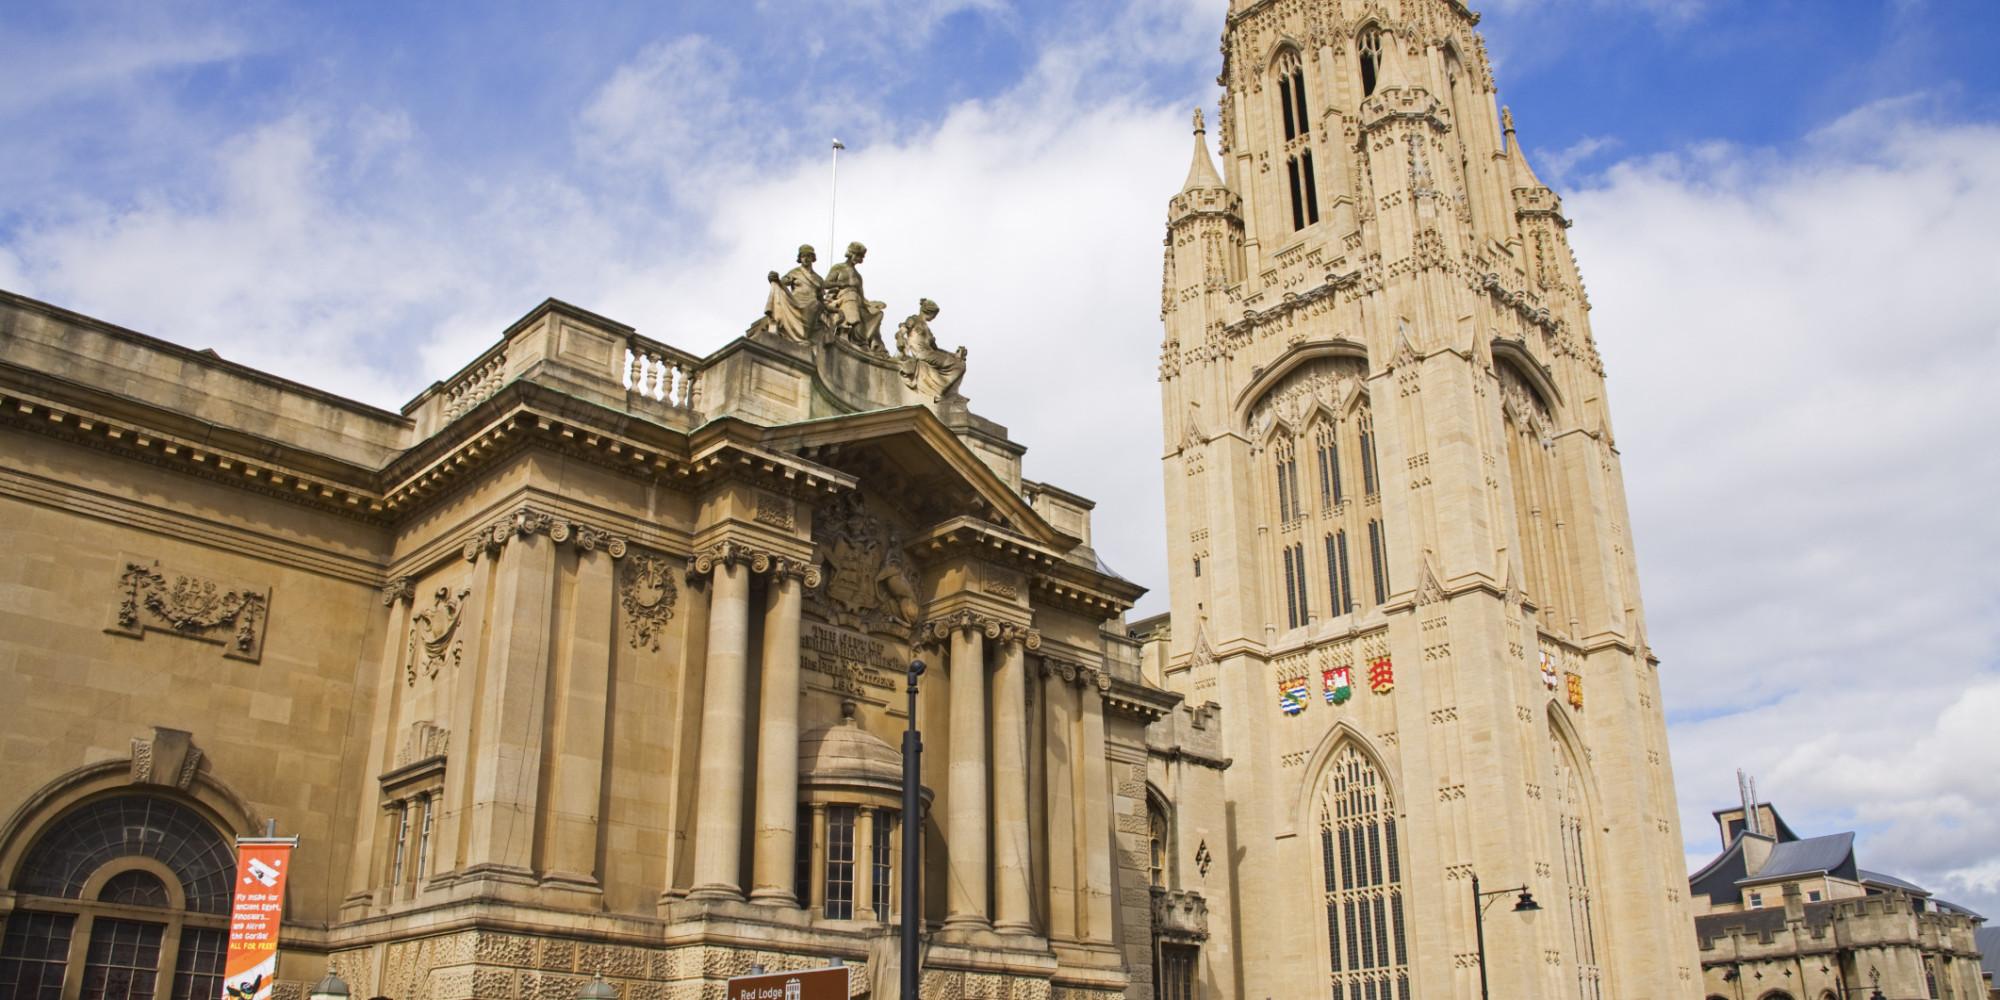 Đại học Bristol hạ điểm chuẩn đầu vào để tạo cơ hội cho nhiều sinh viên tiềm năng có hoàn cảnh khó khăn được học tập tại trường